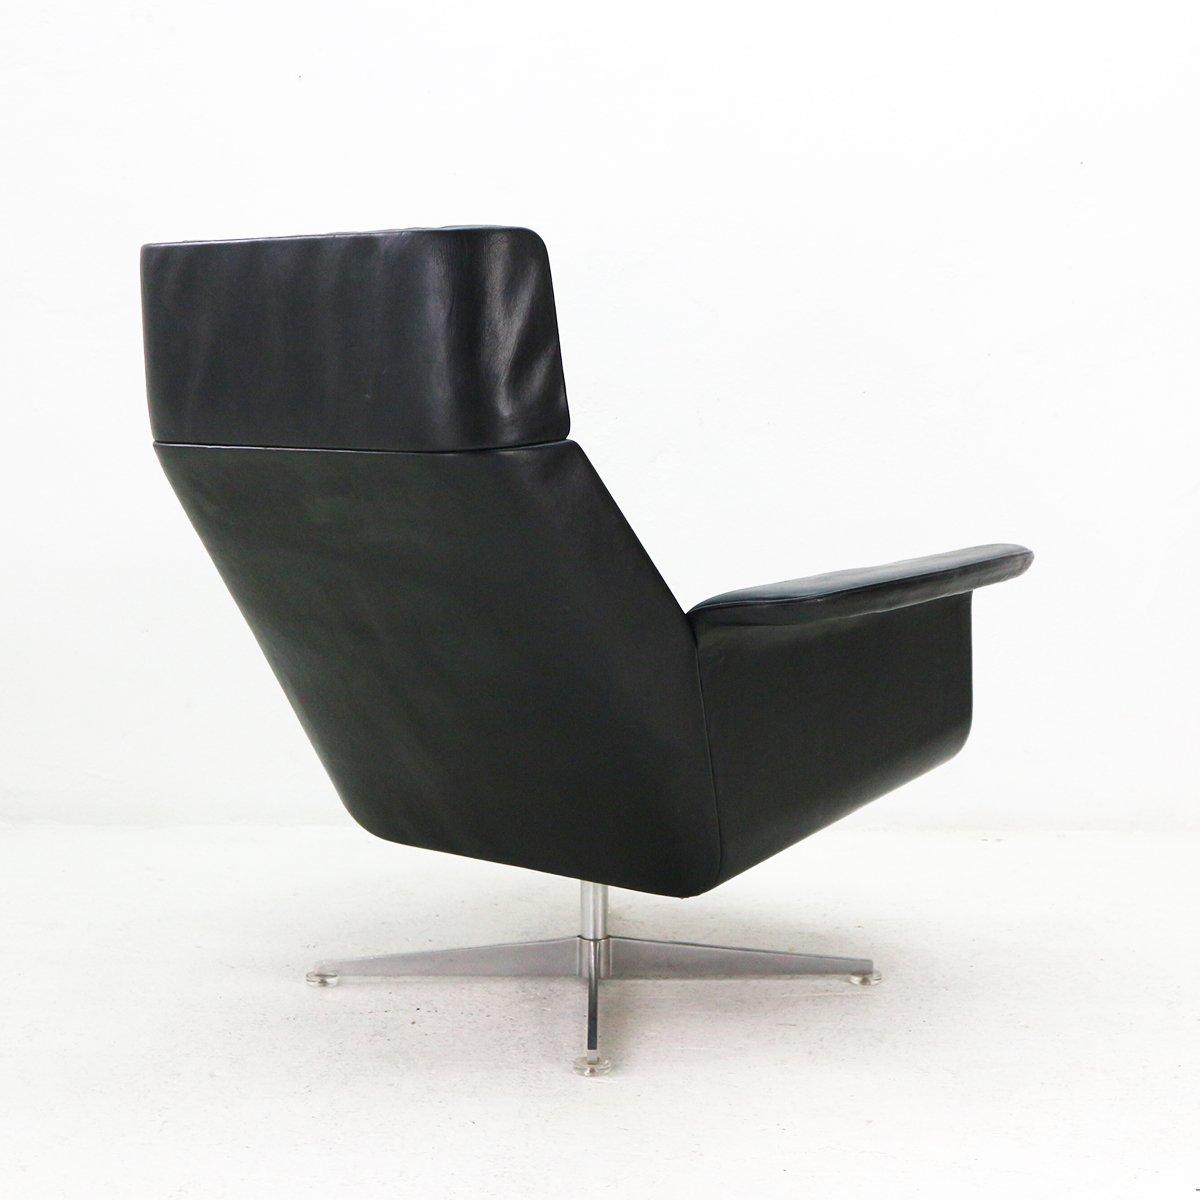 vintage sessel mit ottomane von hans kaufeld 1960er bei pamono kaufen. Black Bedroom Furniture Sets. Home Design Ideas